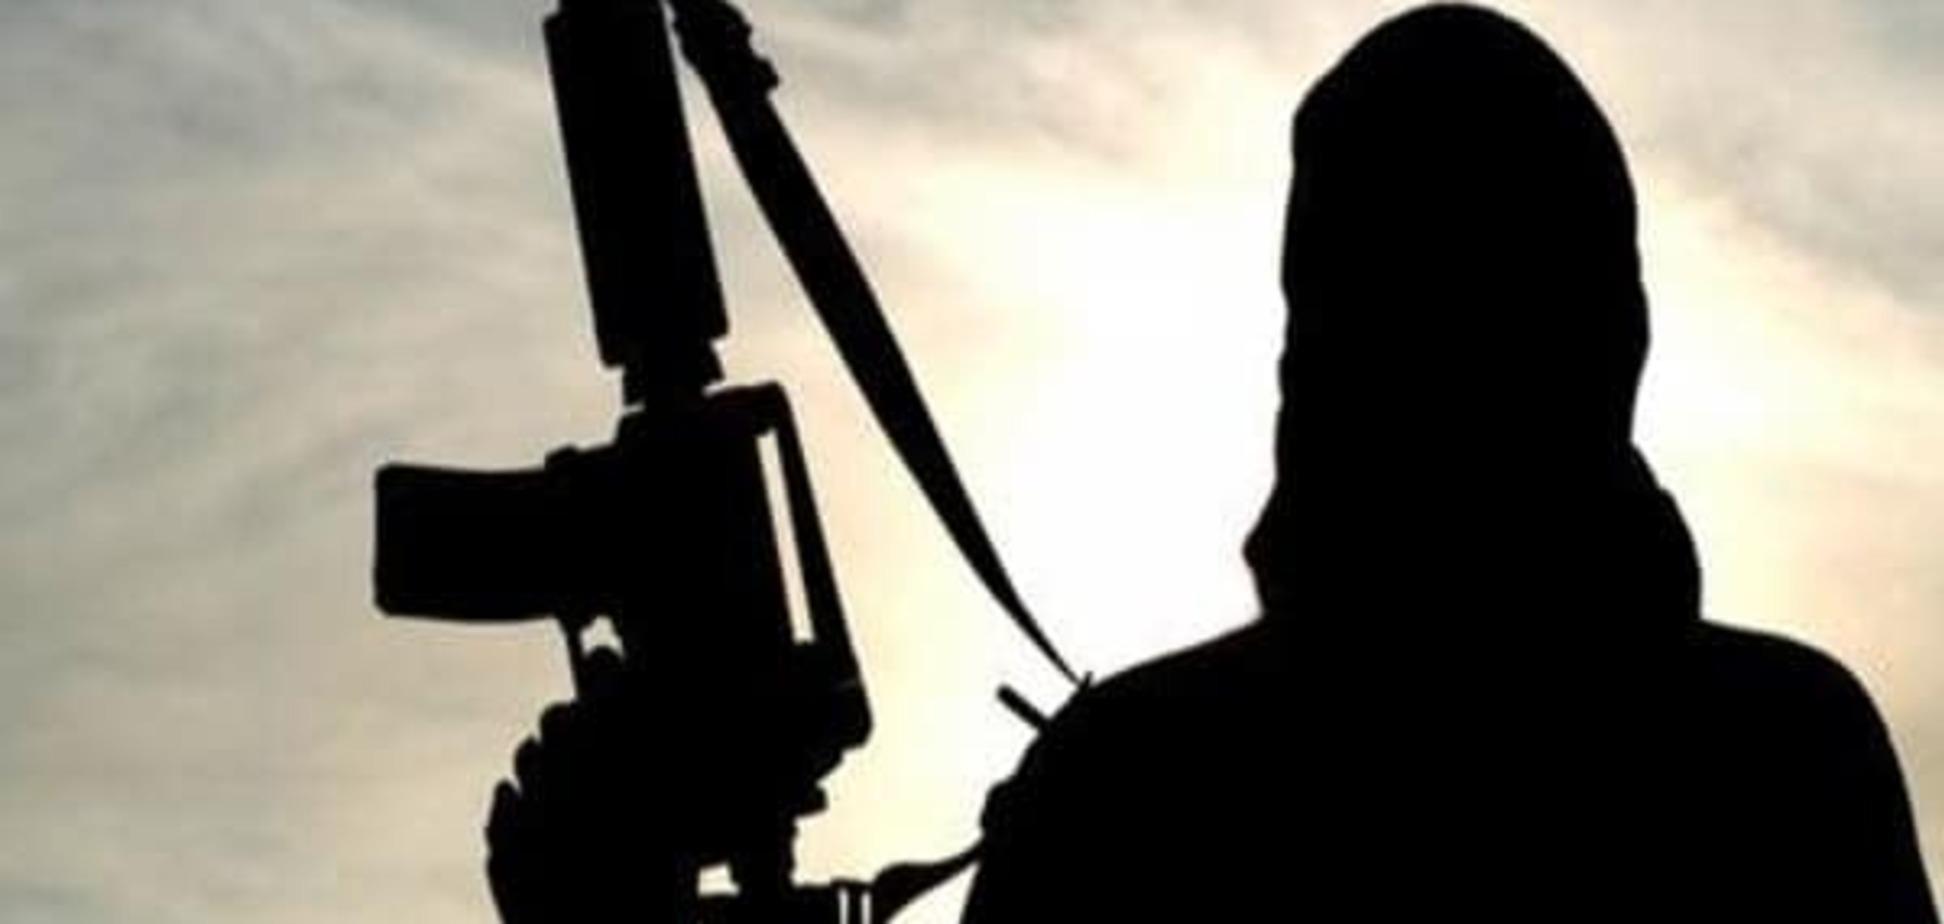 Террористическая атака в Актобе: эксперты назвали возможные причины нападения